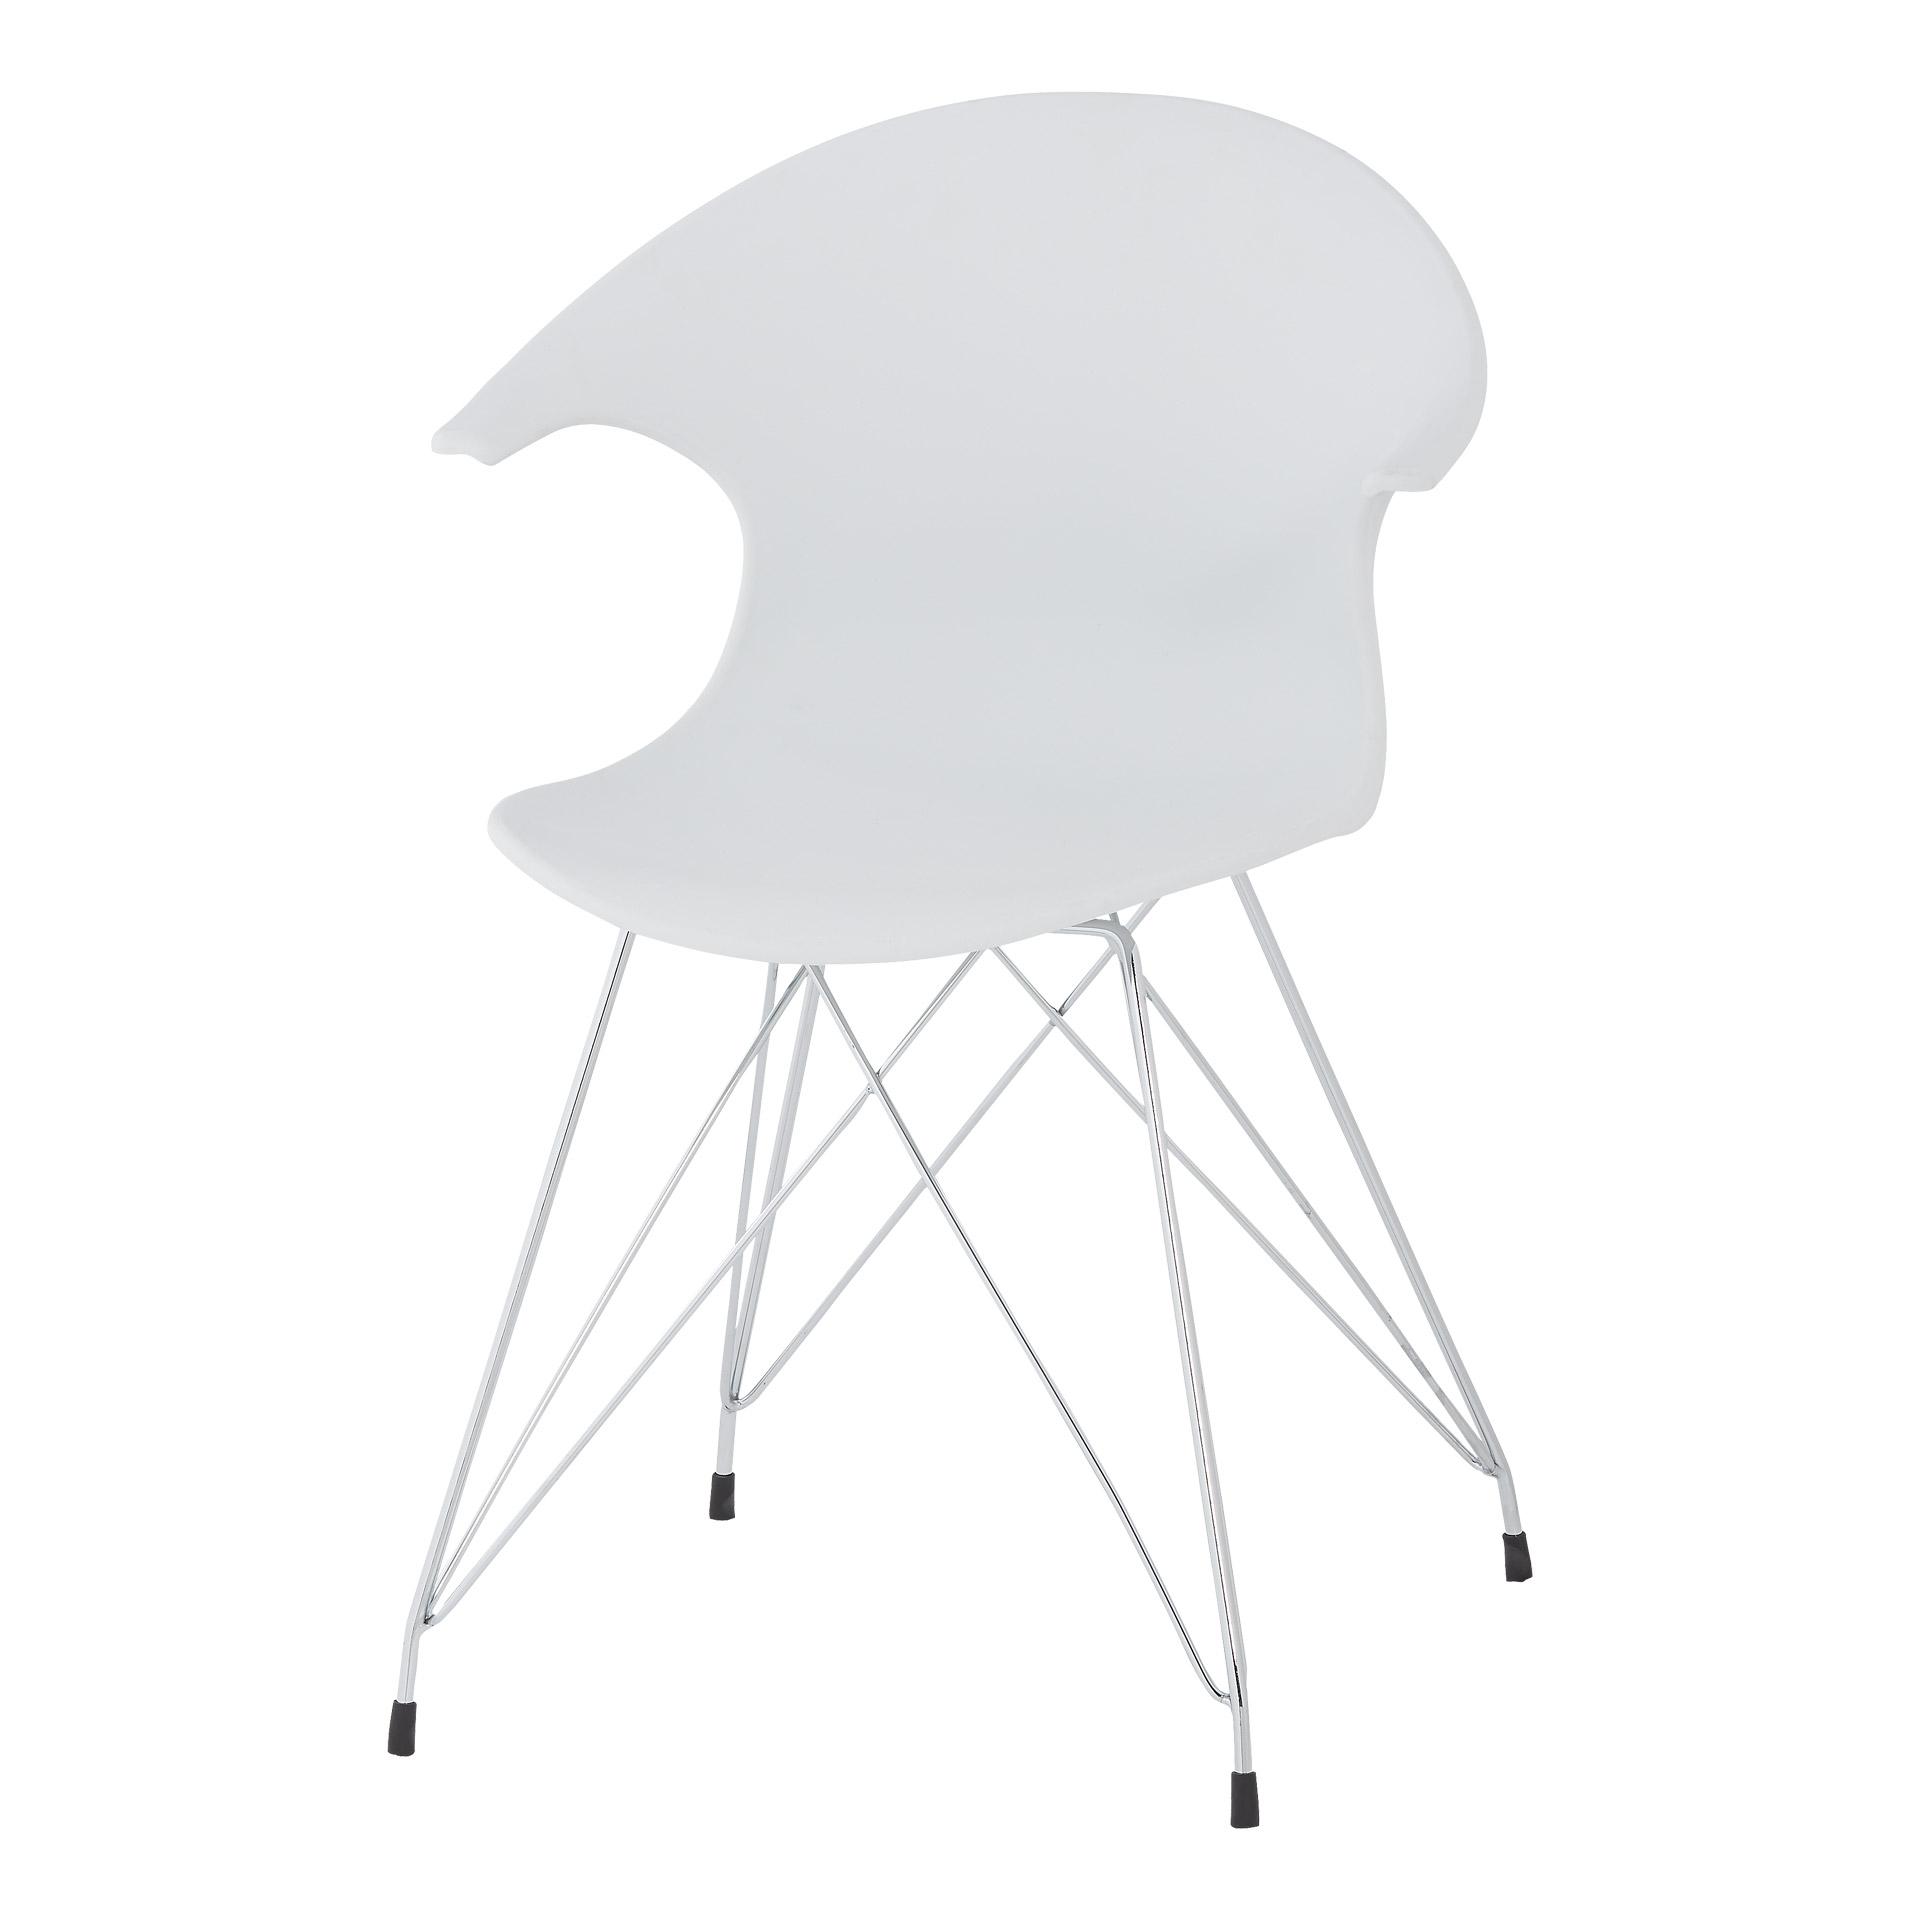 19 sparen stuhl james in wei nur 64 95 cherry m bel d nisches bettenlager. Black Bedroom Furniture Sets. Home Design Ideas